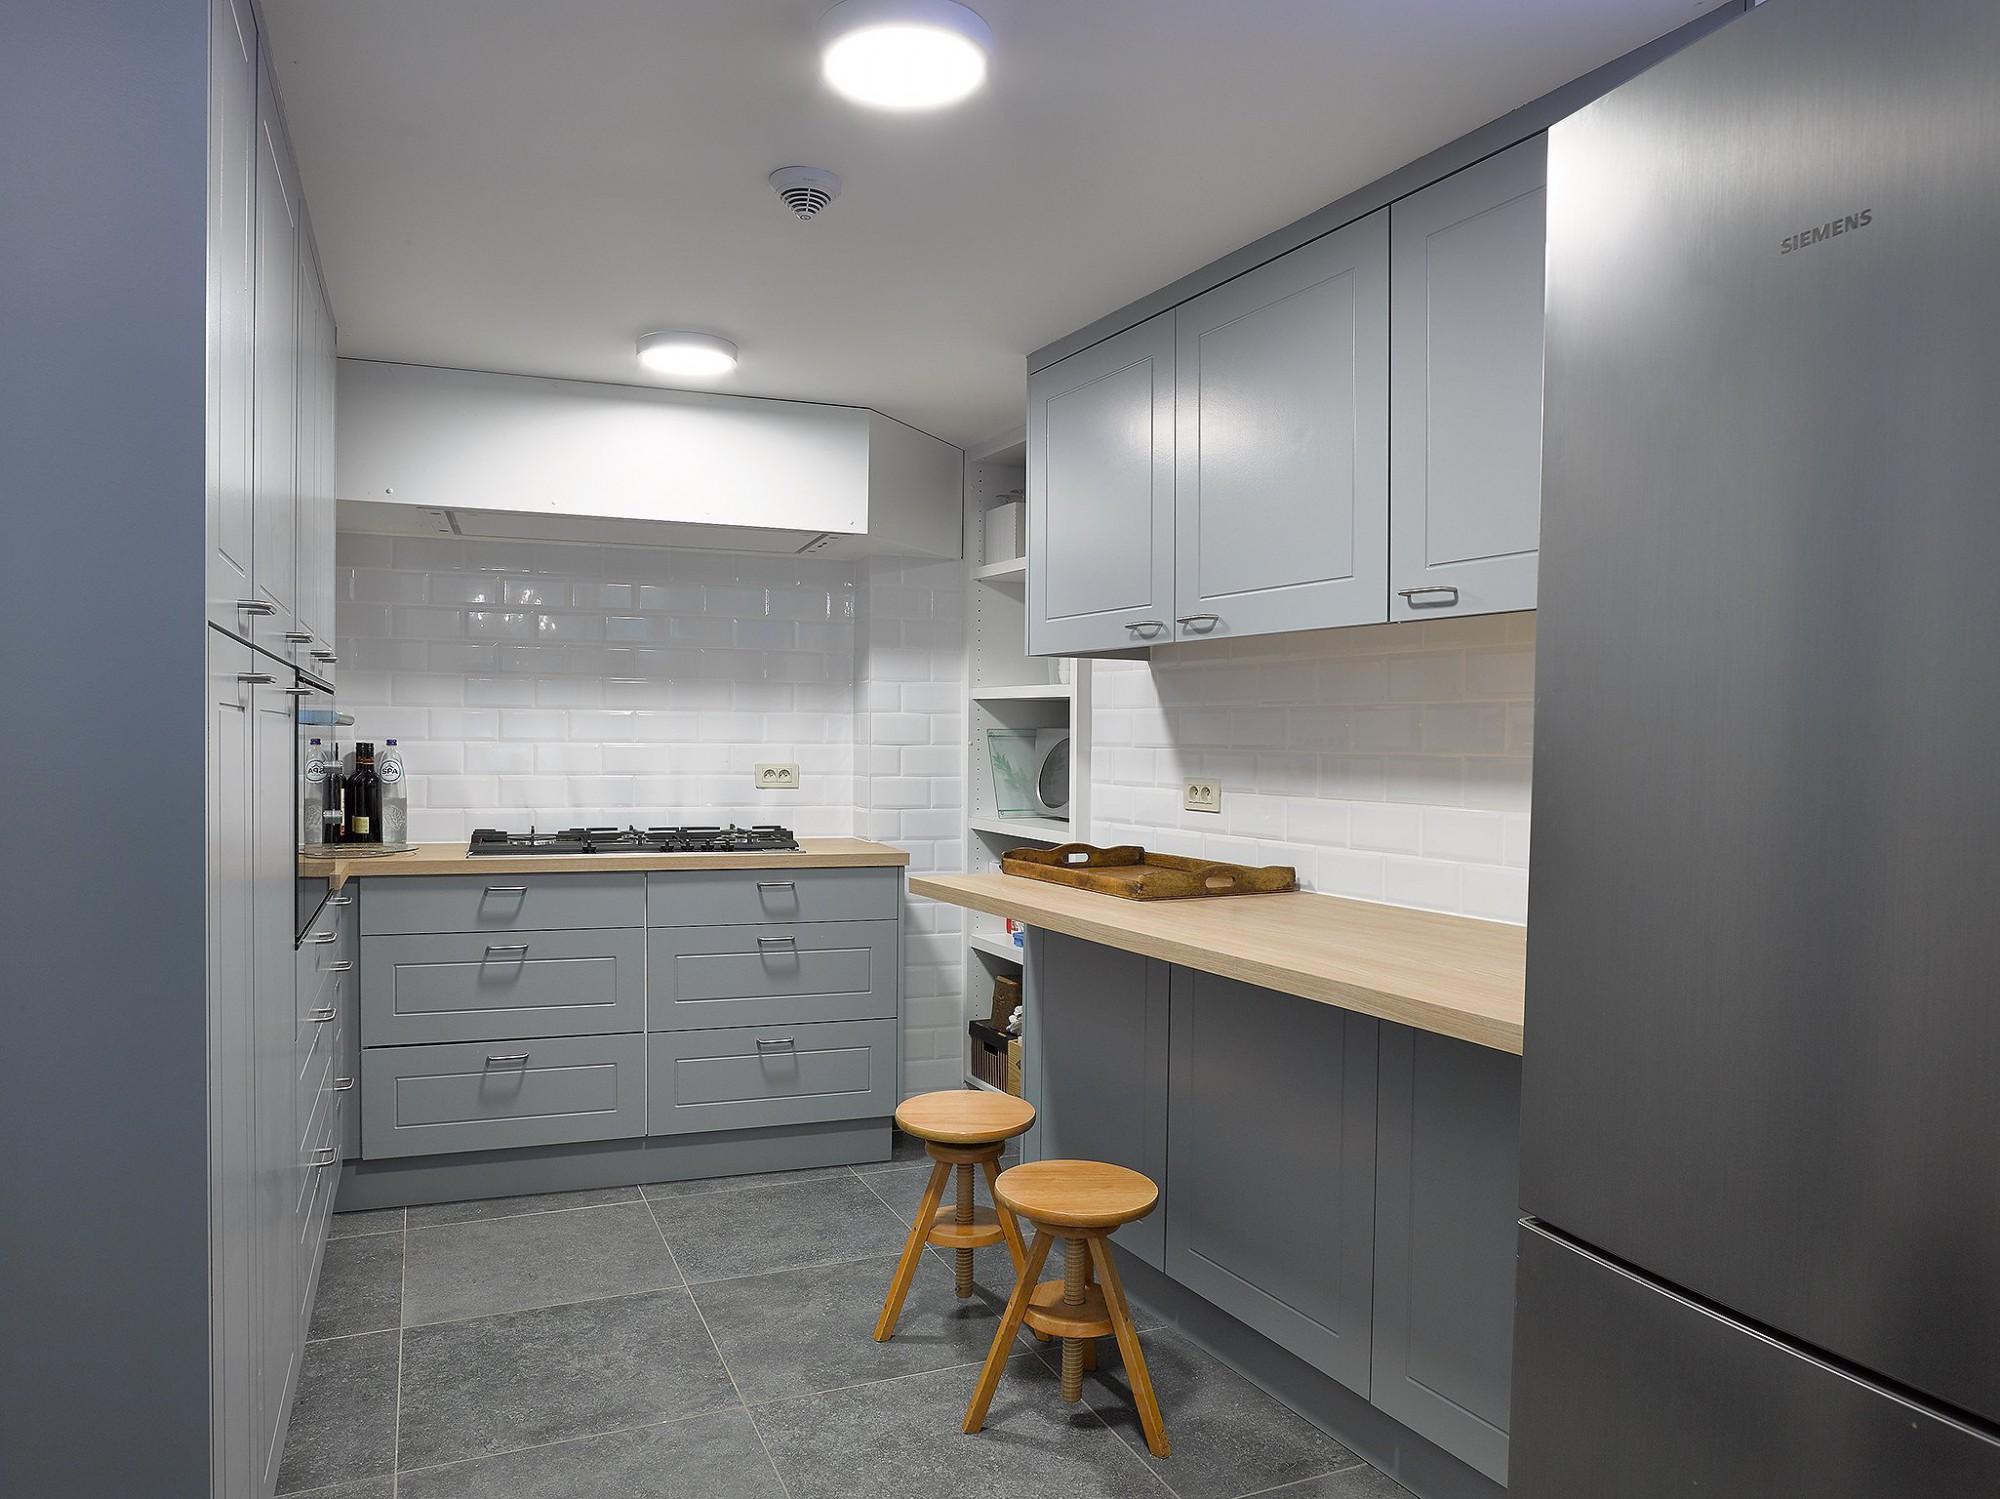 Afbeelding: Fotografie interieur keuken te Antwerpen voor bouwbedrijf Menbo,  fotografie keukens Foto Van Huffel.